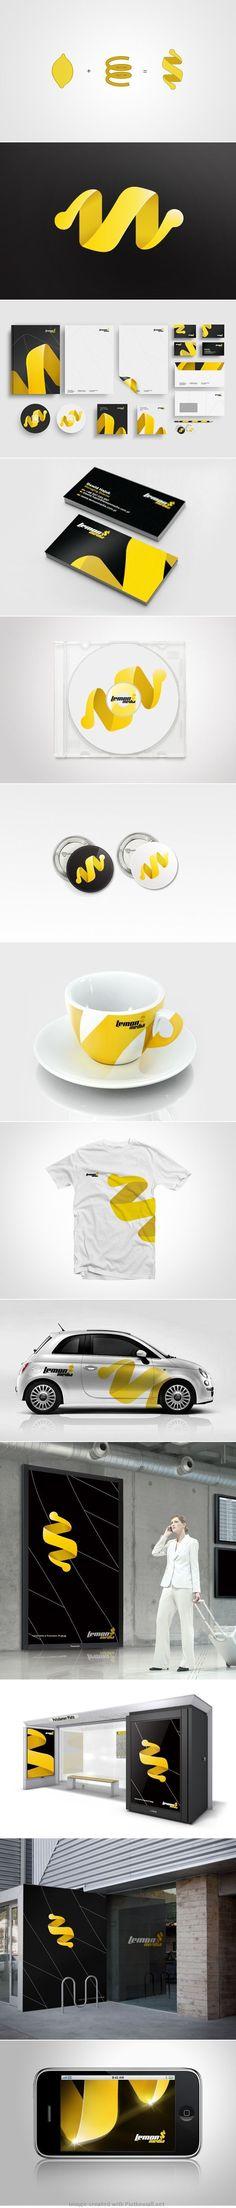 pinterest.com/fra411 #branding - Lemon Media brand identity